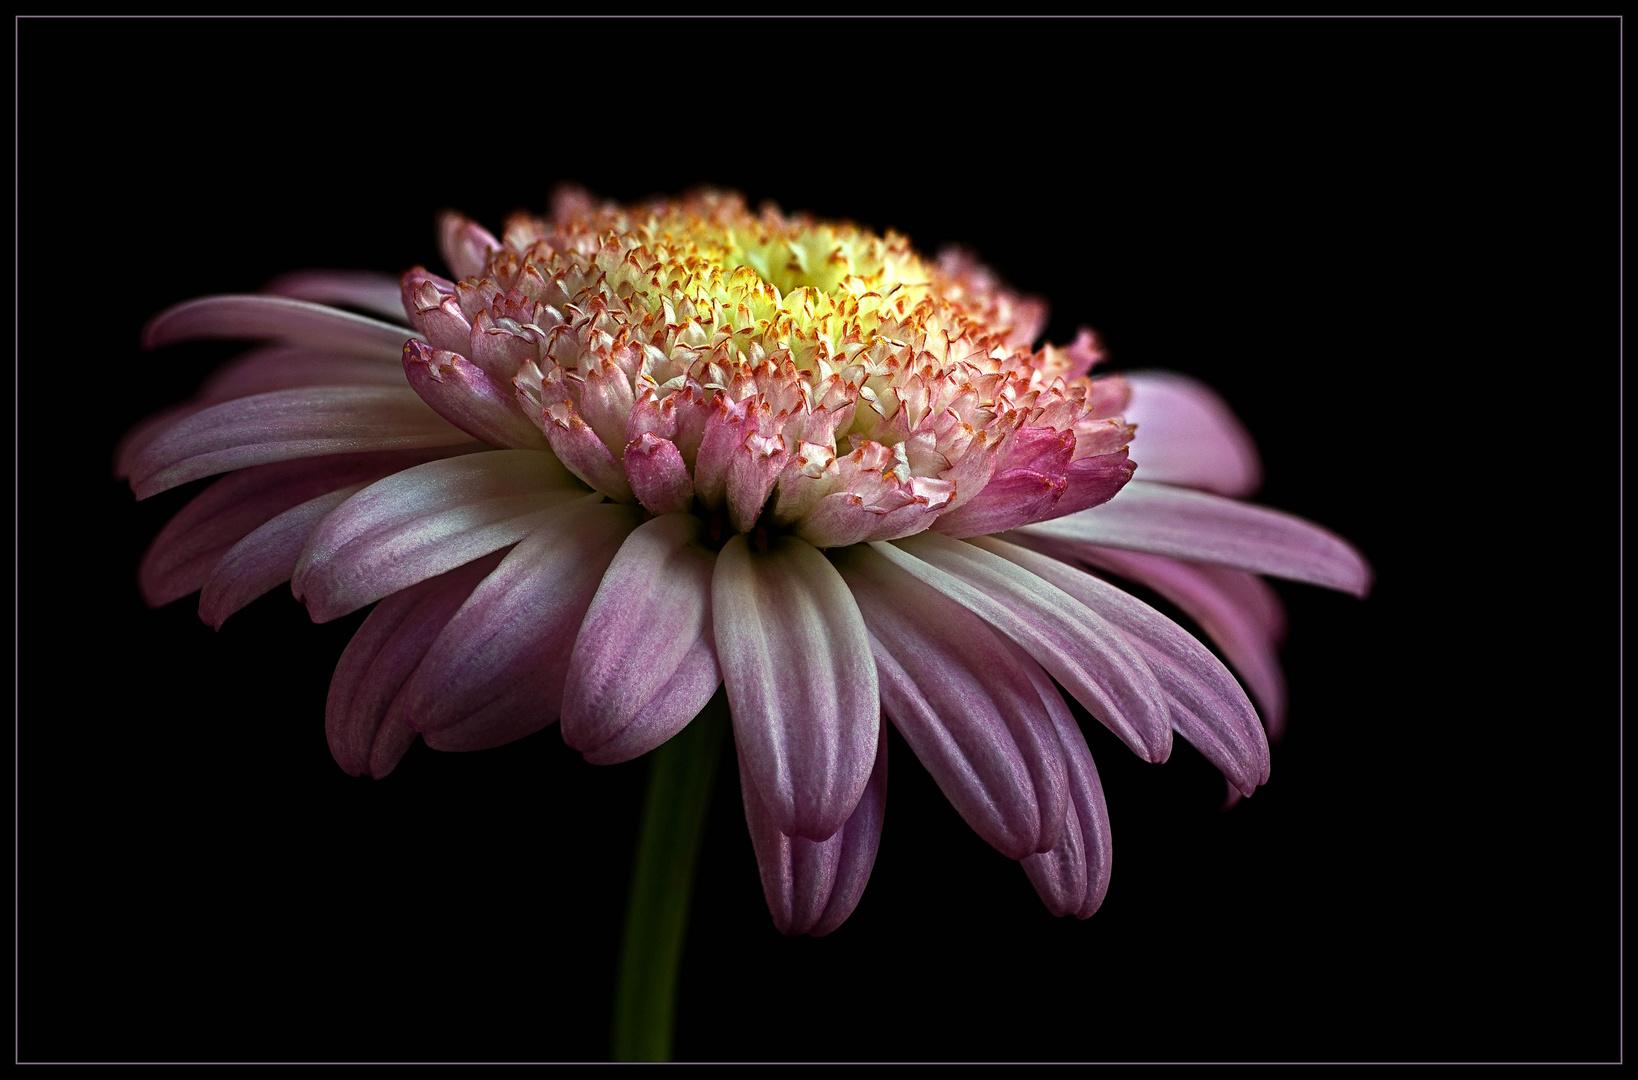 Auch in den kleinsten Blumen zeigt die Natur ihre Schöpferkraft